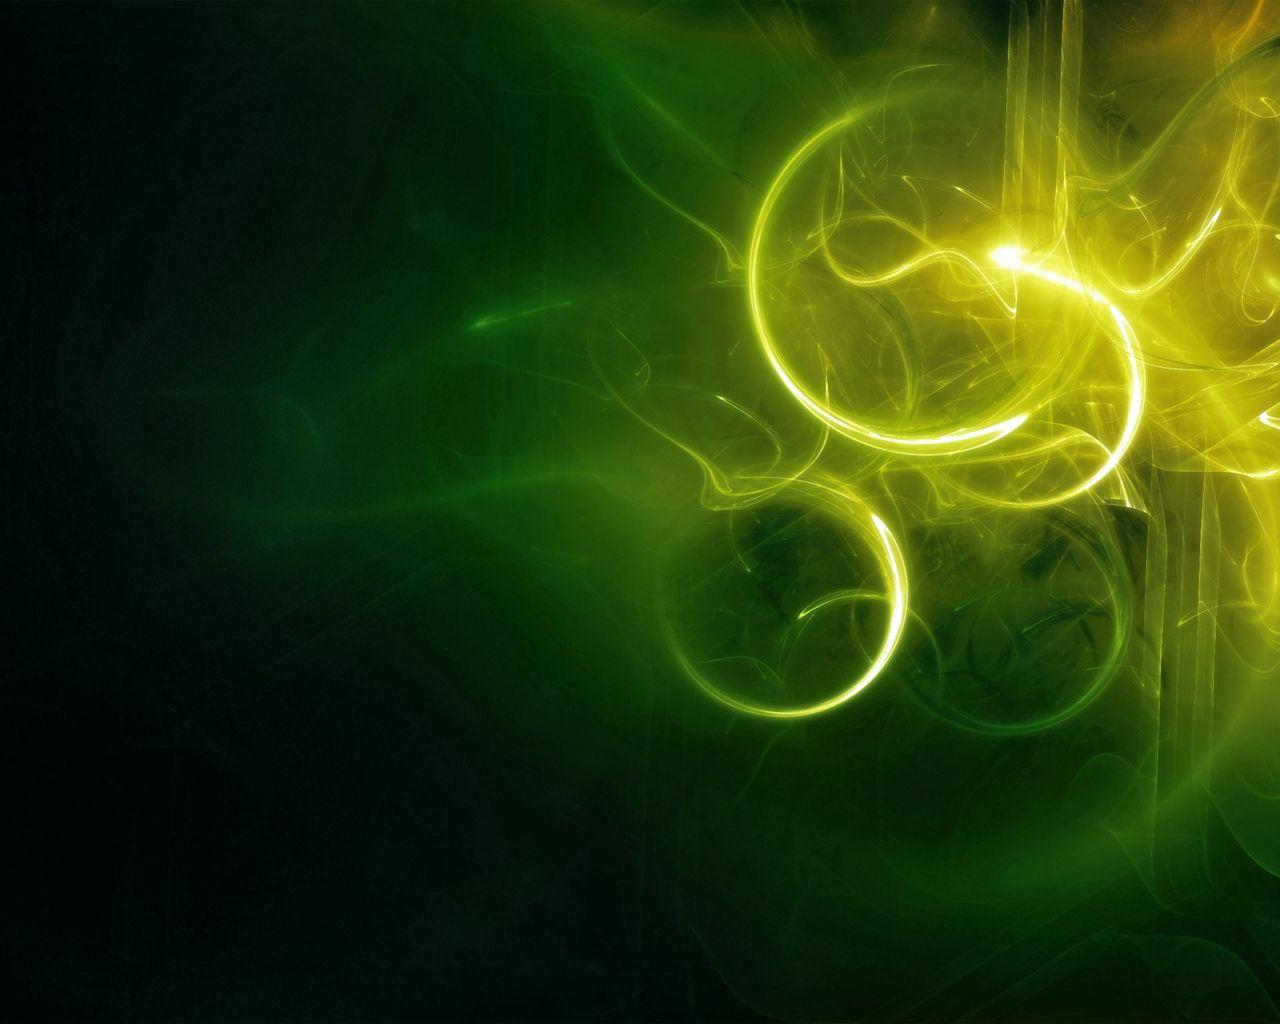 77446 скачать Зеленые обои на телефон бесплатно, Абстракция, Круги, Кривые Зеленые картинки и заставки на мобильный